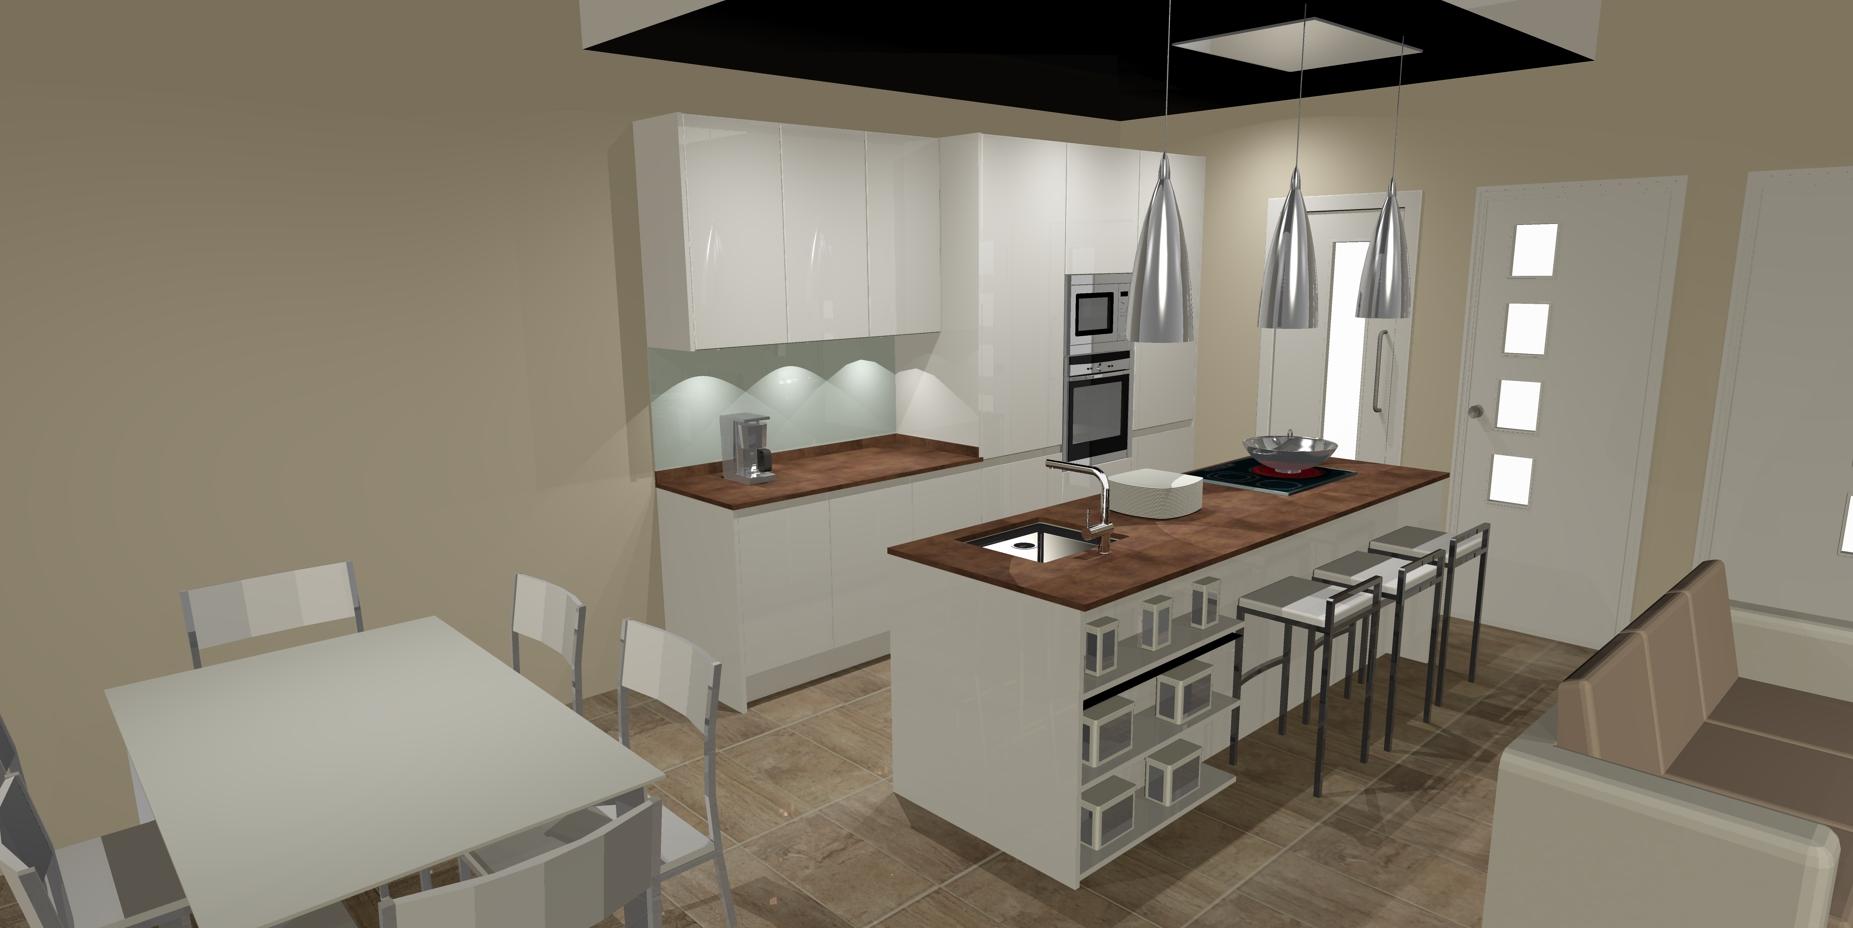 Cocinas con office fotos ideas para montar un office en - Cocinas con office fotos ...